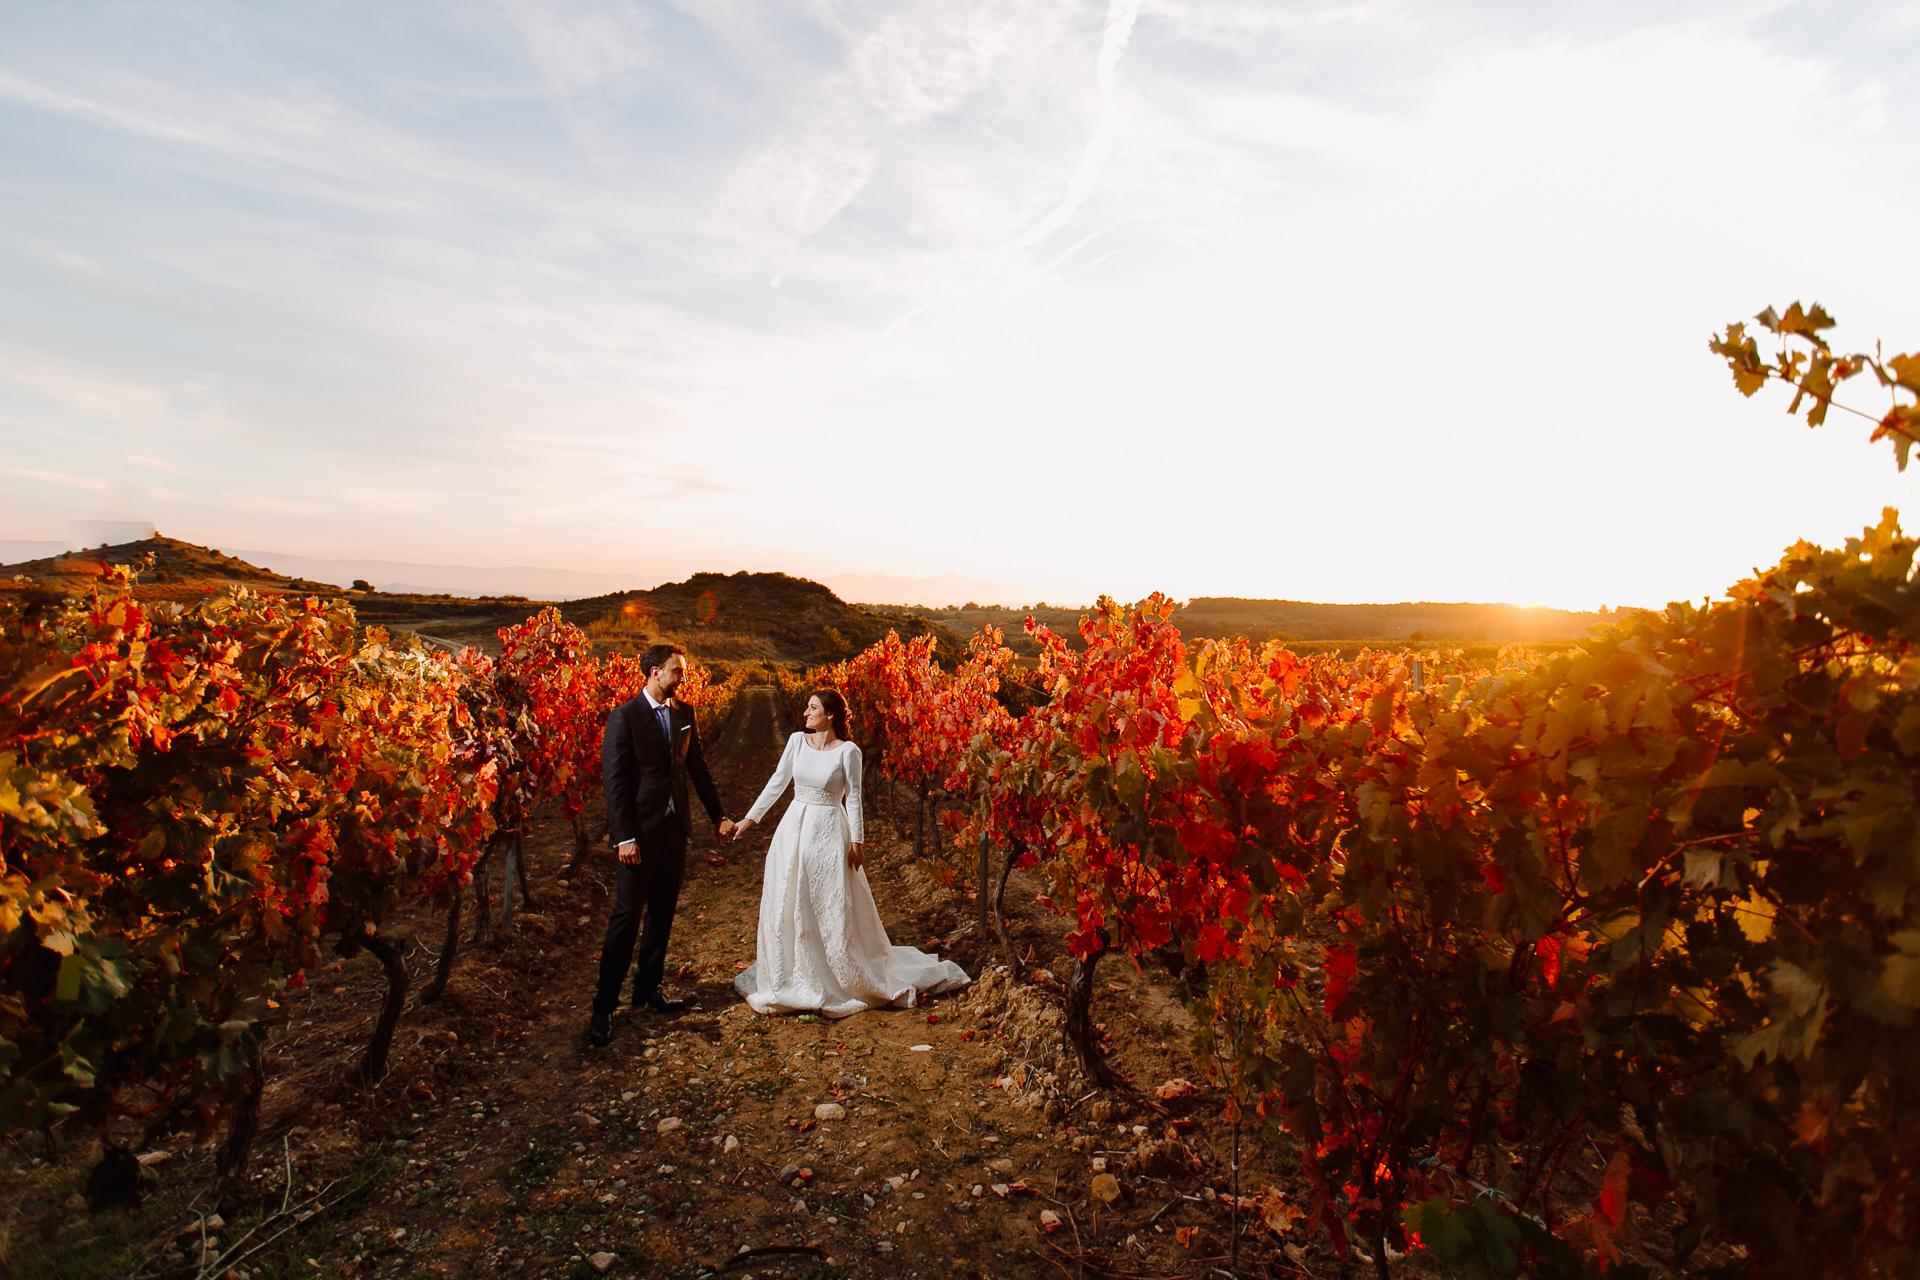 boda en otoño eguren ugarte